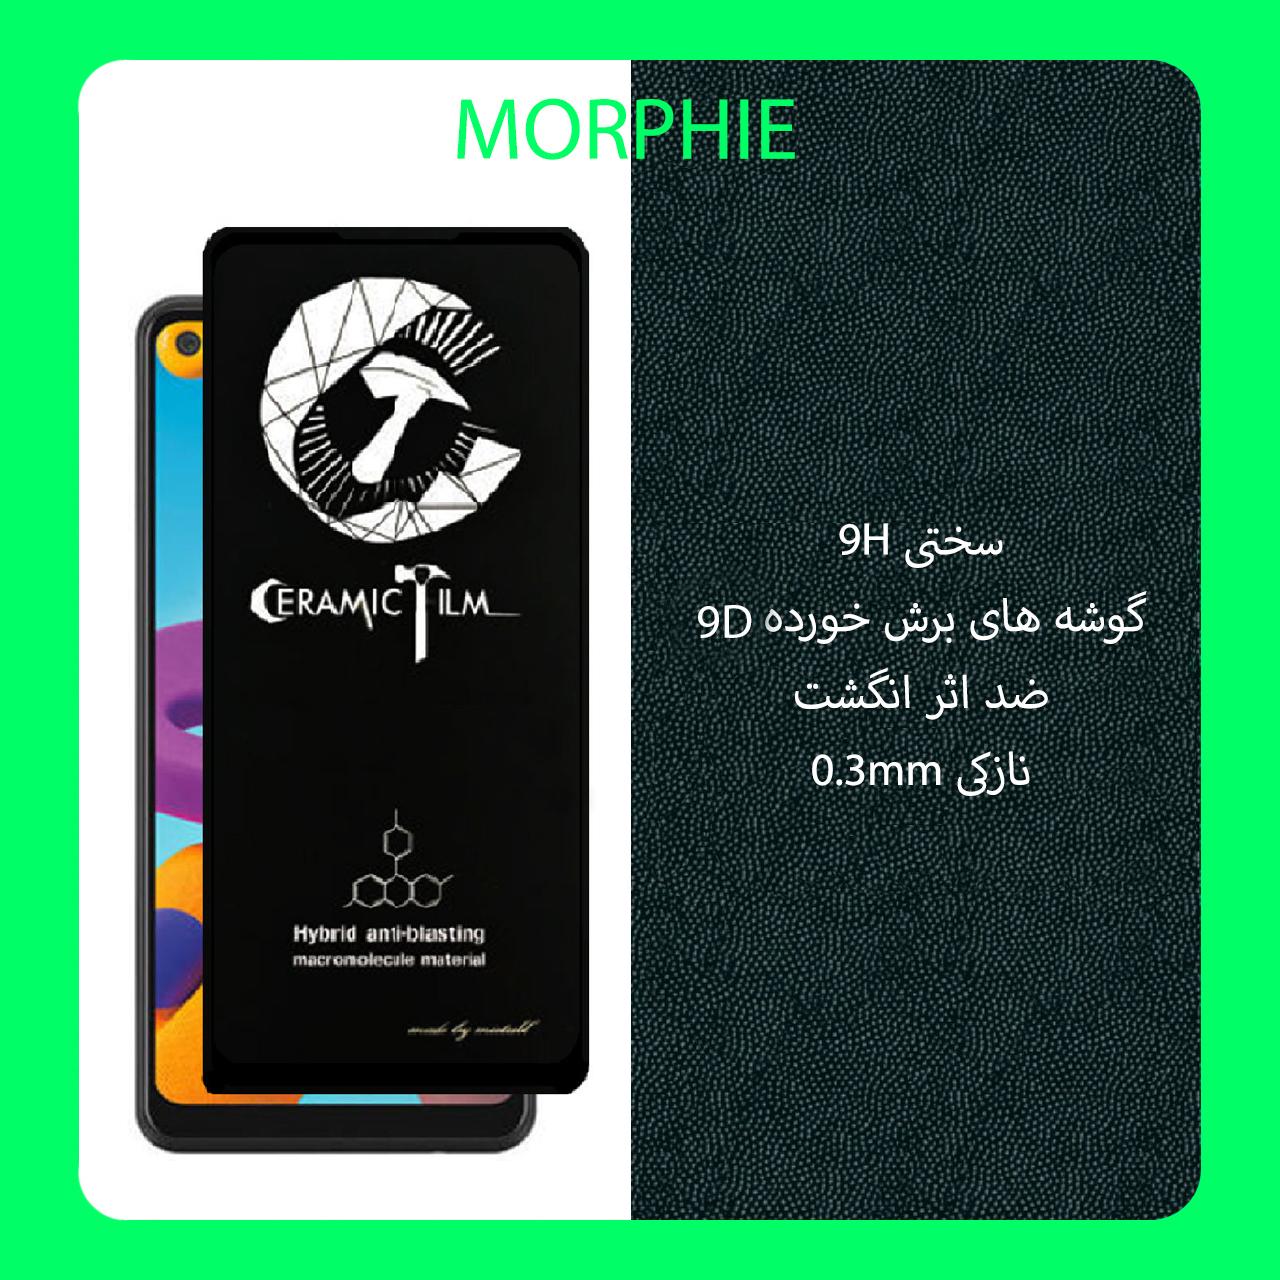 محافظ صفحه نمایش سرامیکی مورفی مدل MEIC_2 مناسب برای گوشی موبایل سامسونگ Galaxy A21 بسته 2 عددی